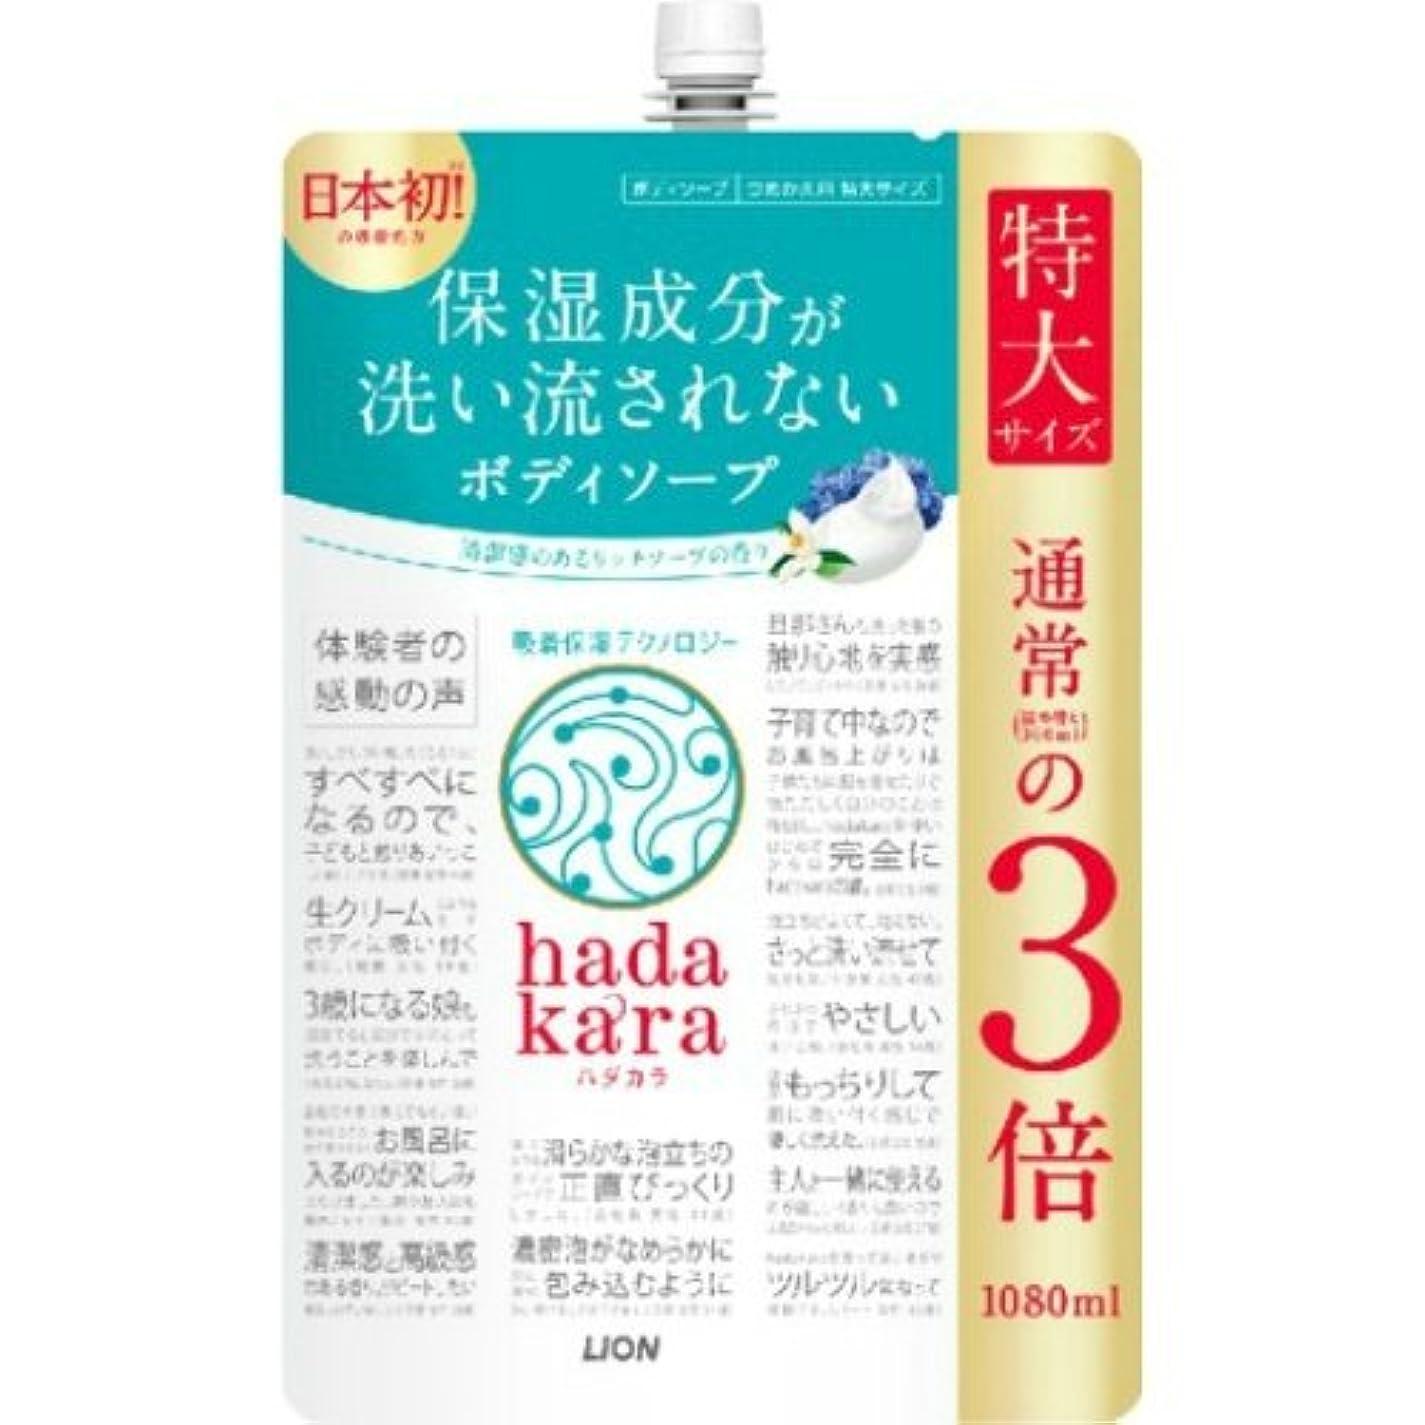 シャンプー暖かく性交LION ライオン hadakara ハダカラ ボディソープ リッチソープの香り つめかえ用 特大サイズ 1080ml ×006点セット(4903301260882)